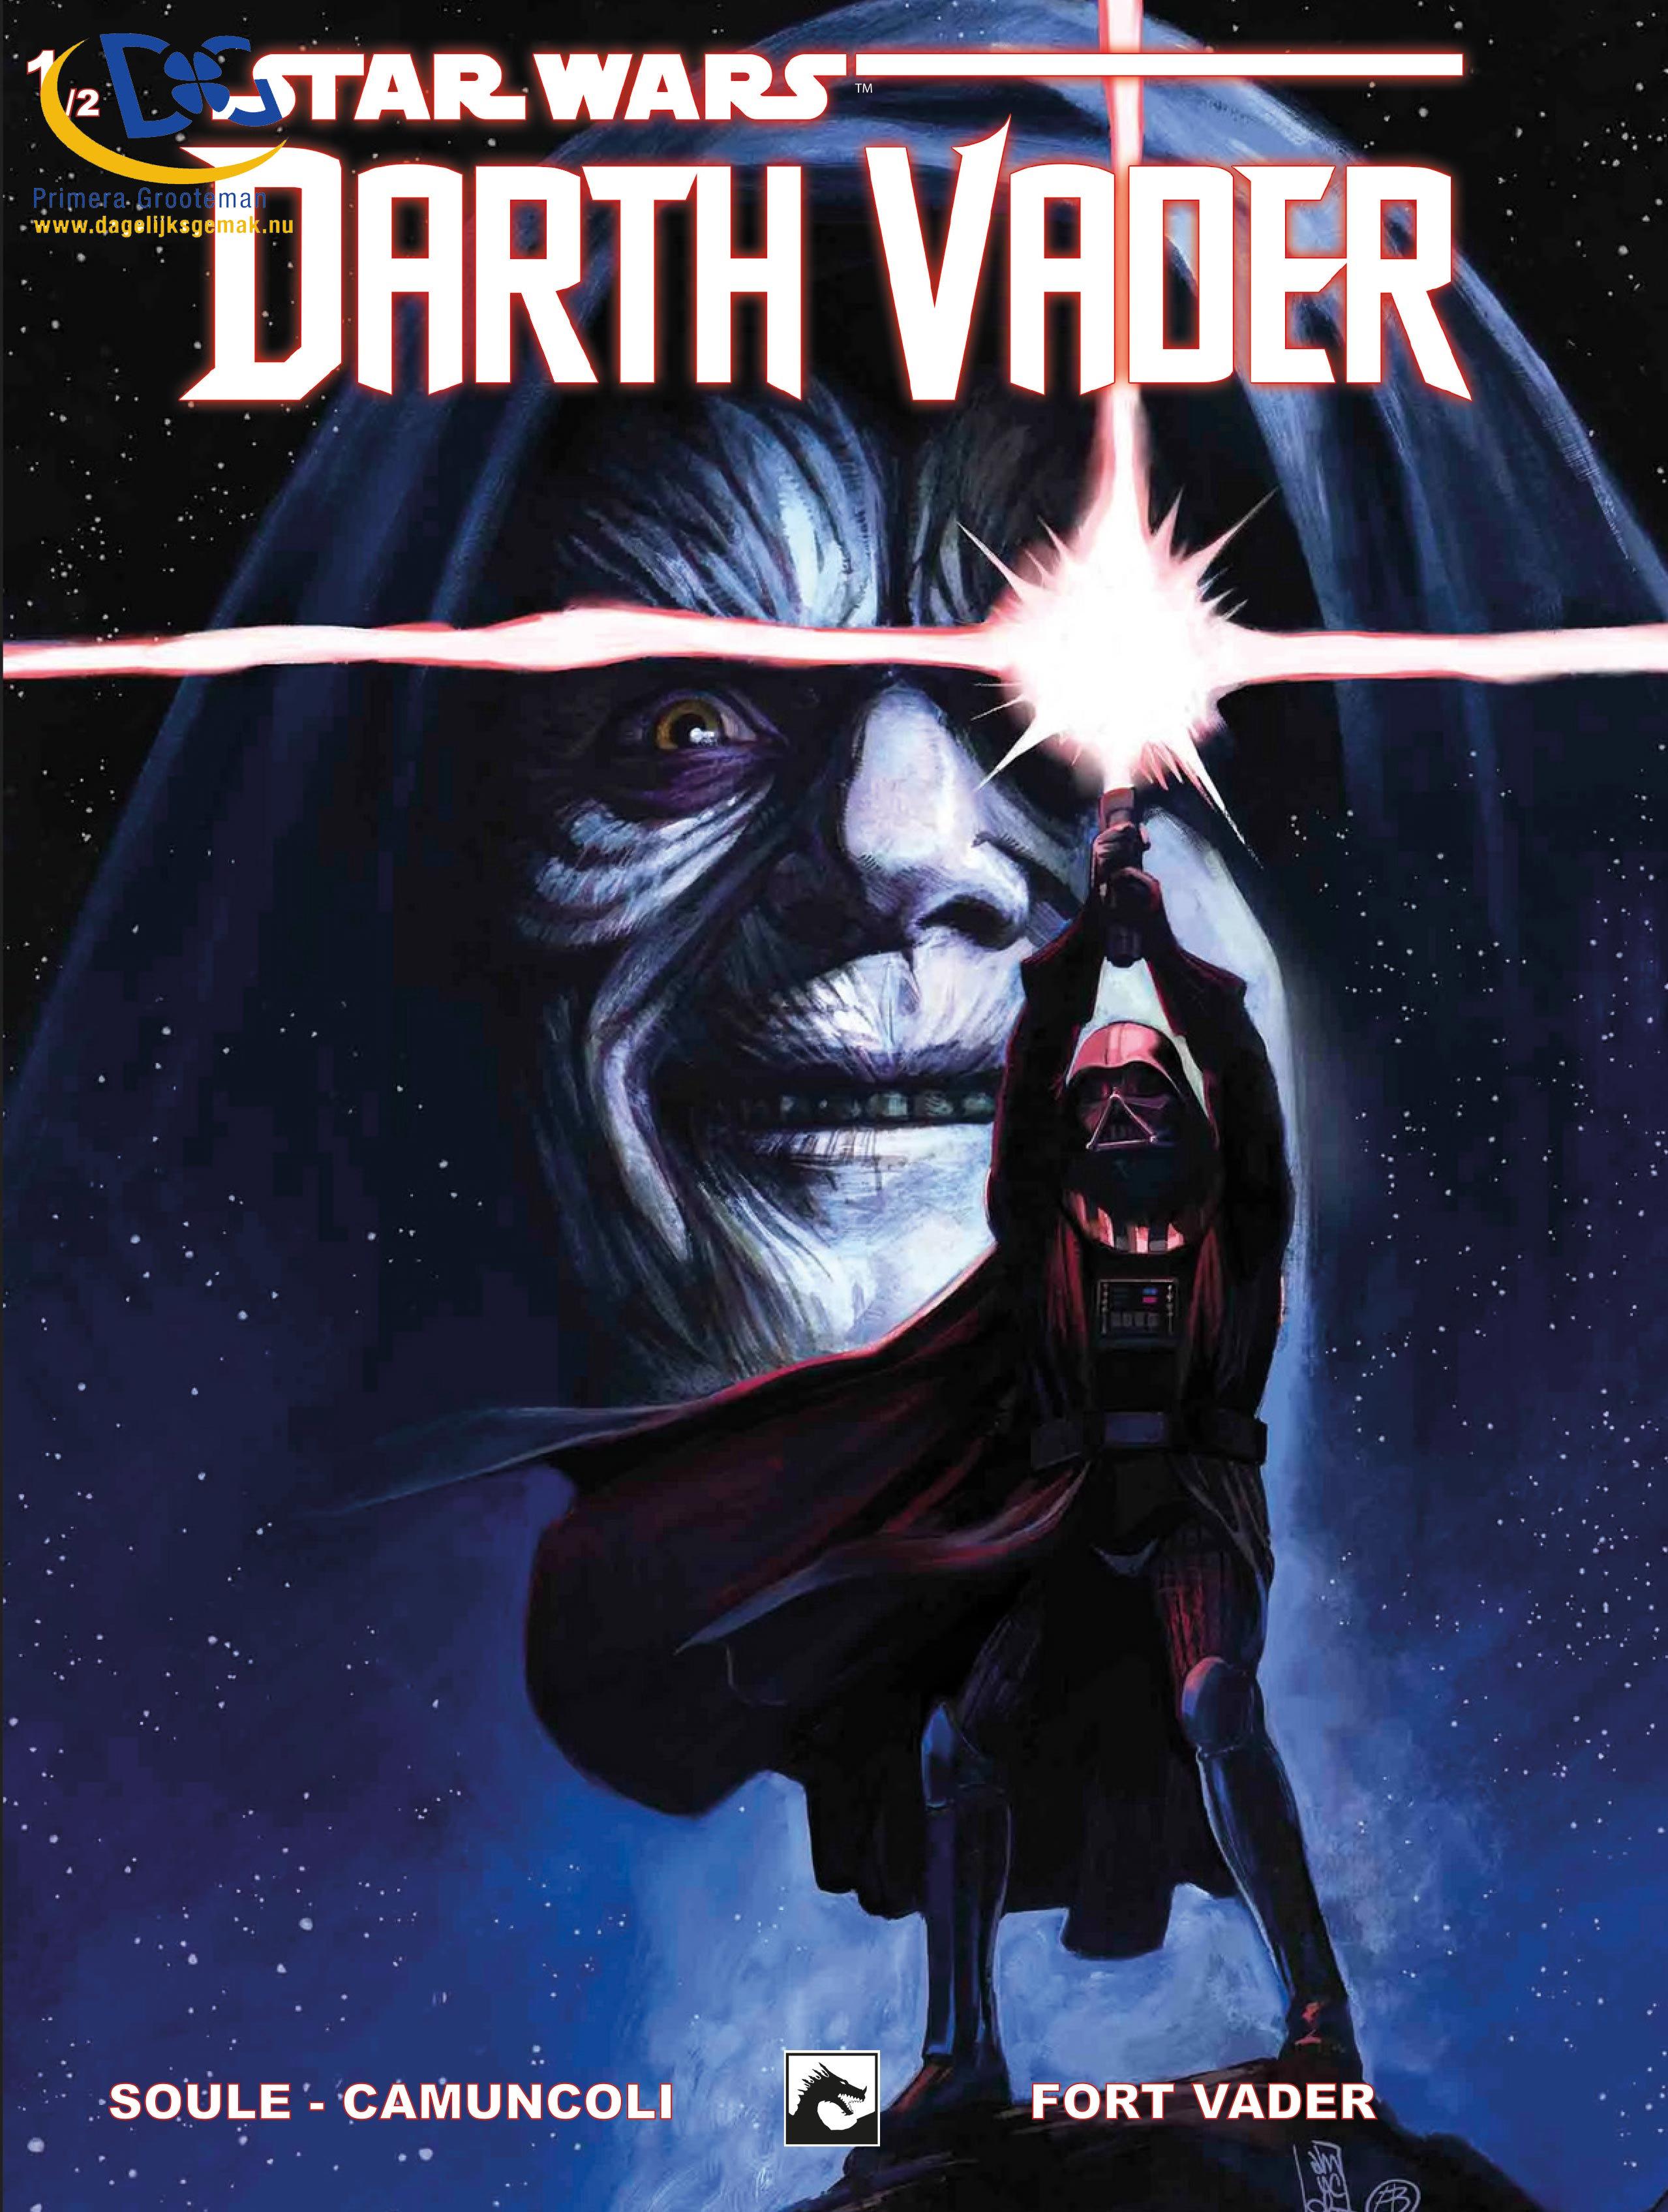 Star Wars Darth Vader 19, Fort Vader 1